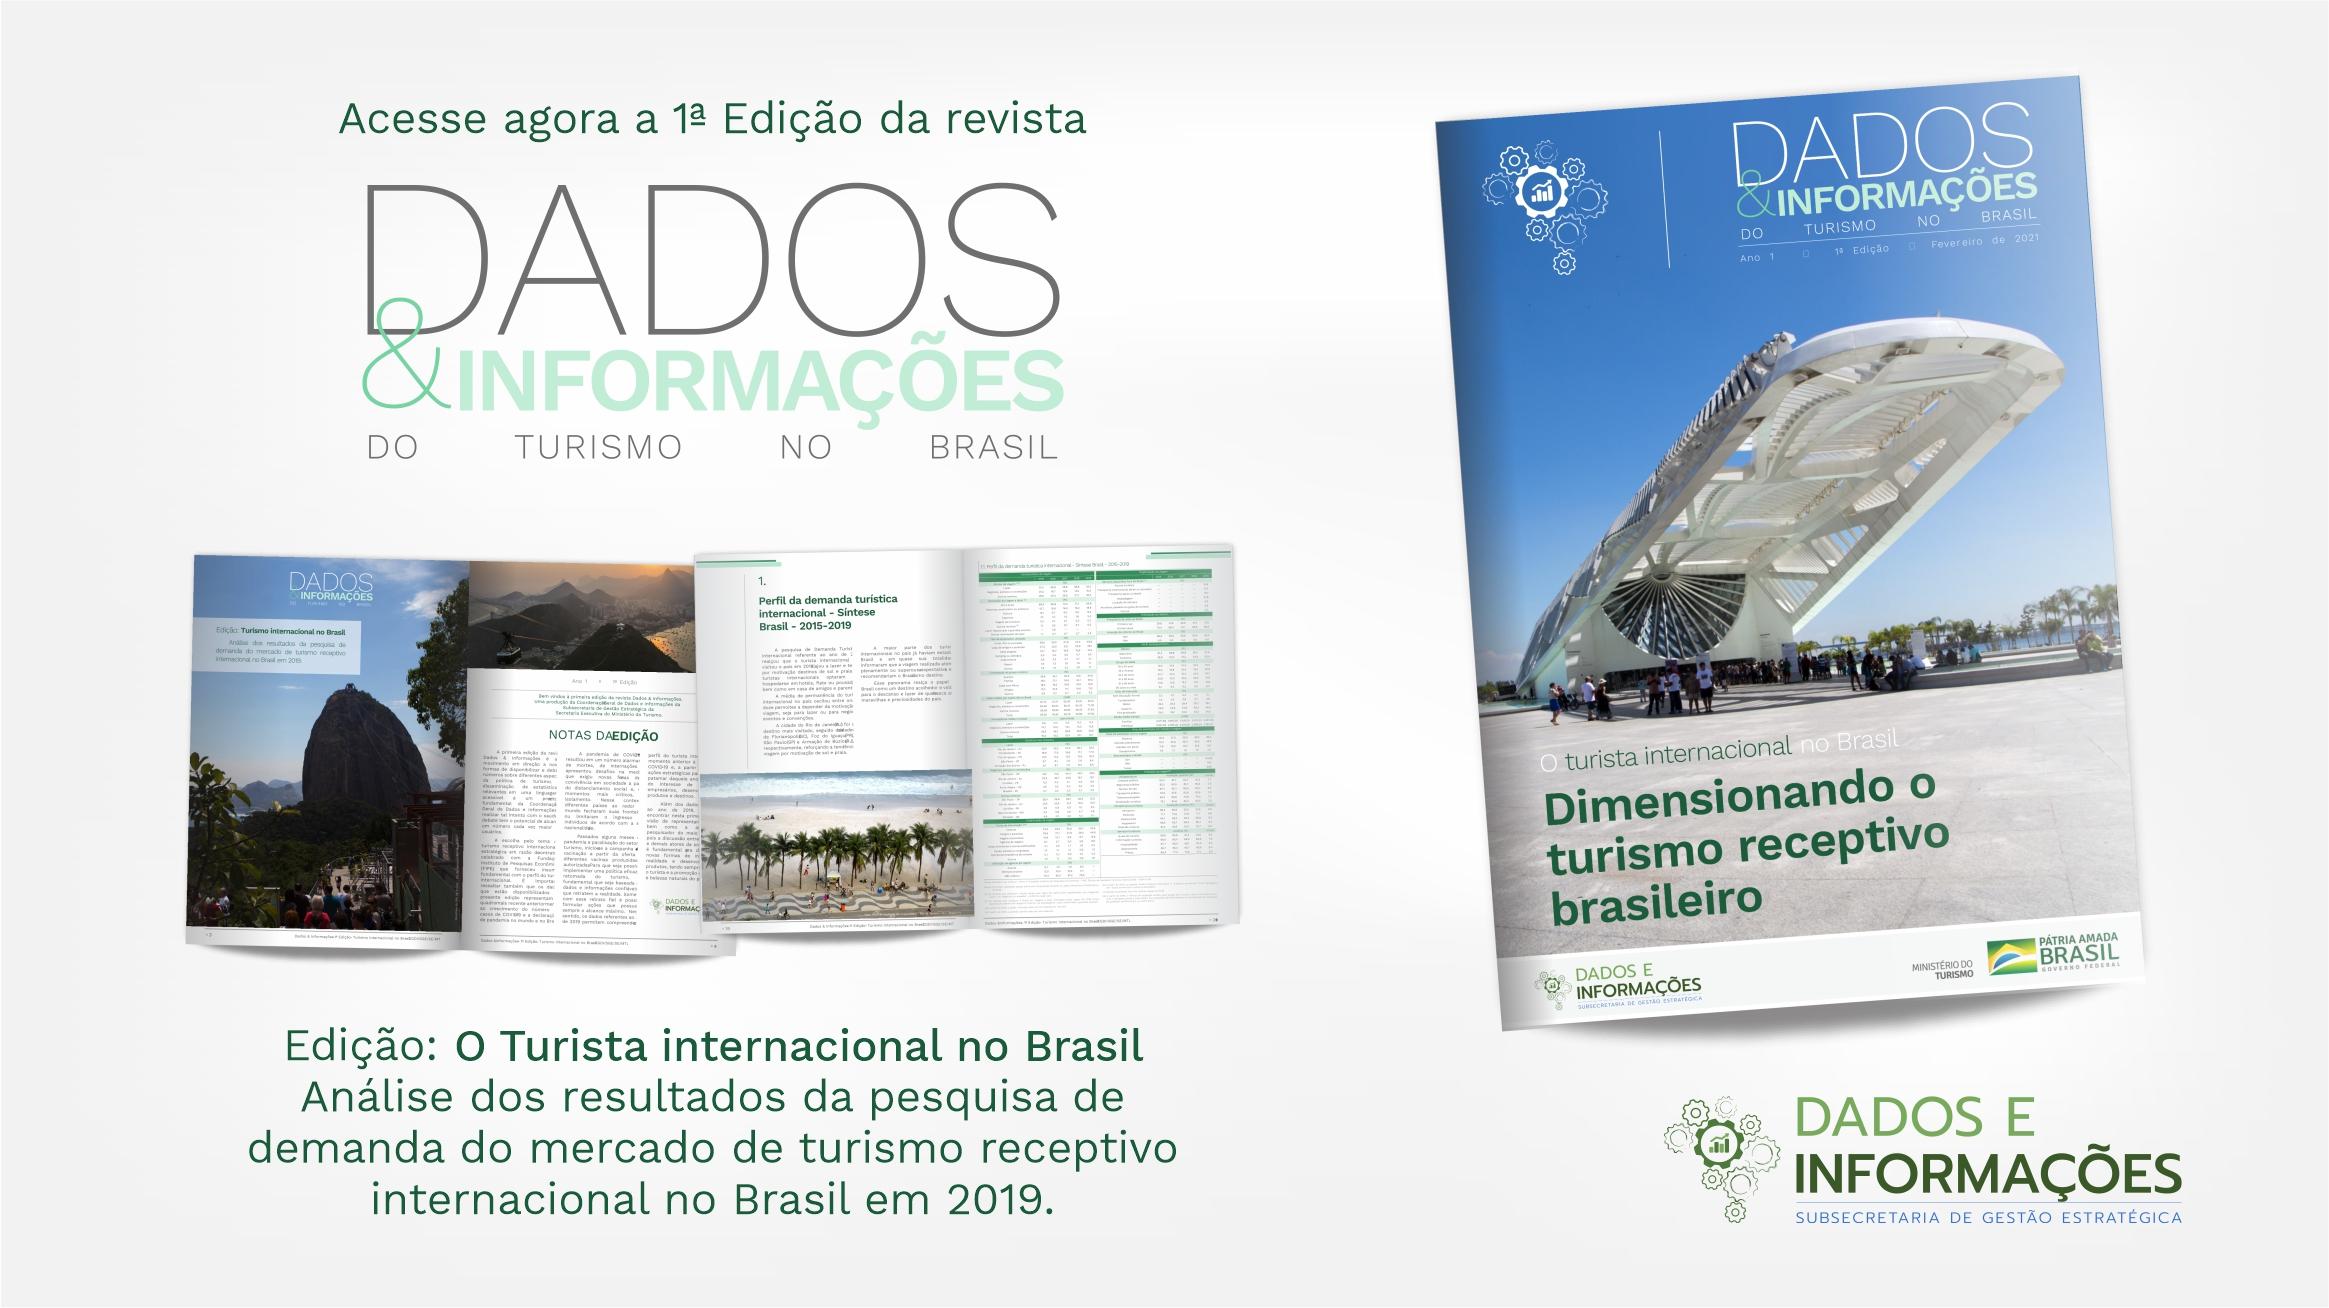 Primeira edição da revista Dados & Informações do turismo no Brasil